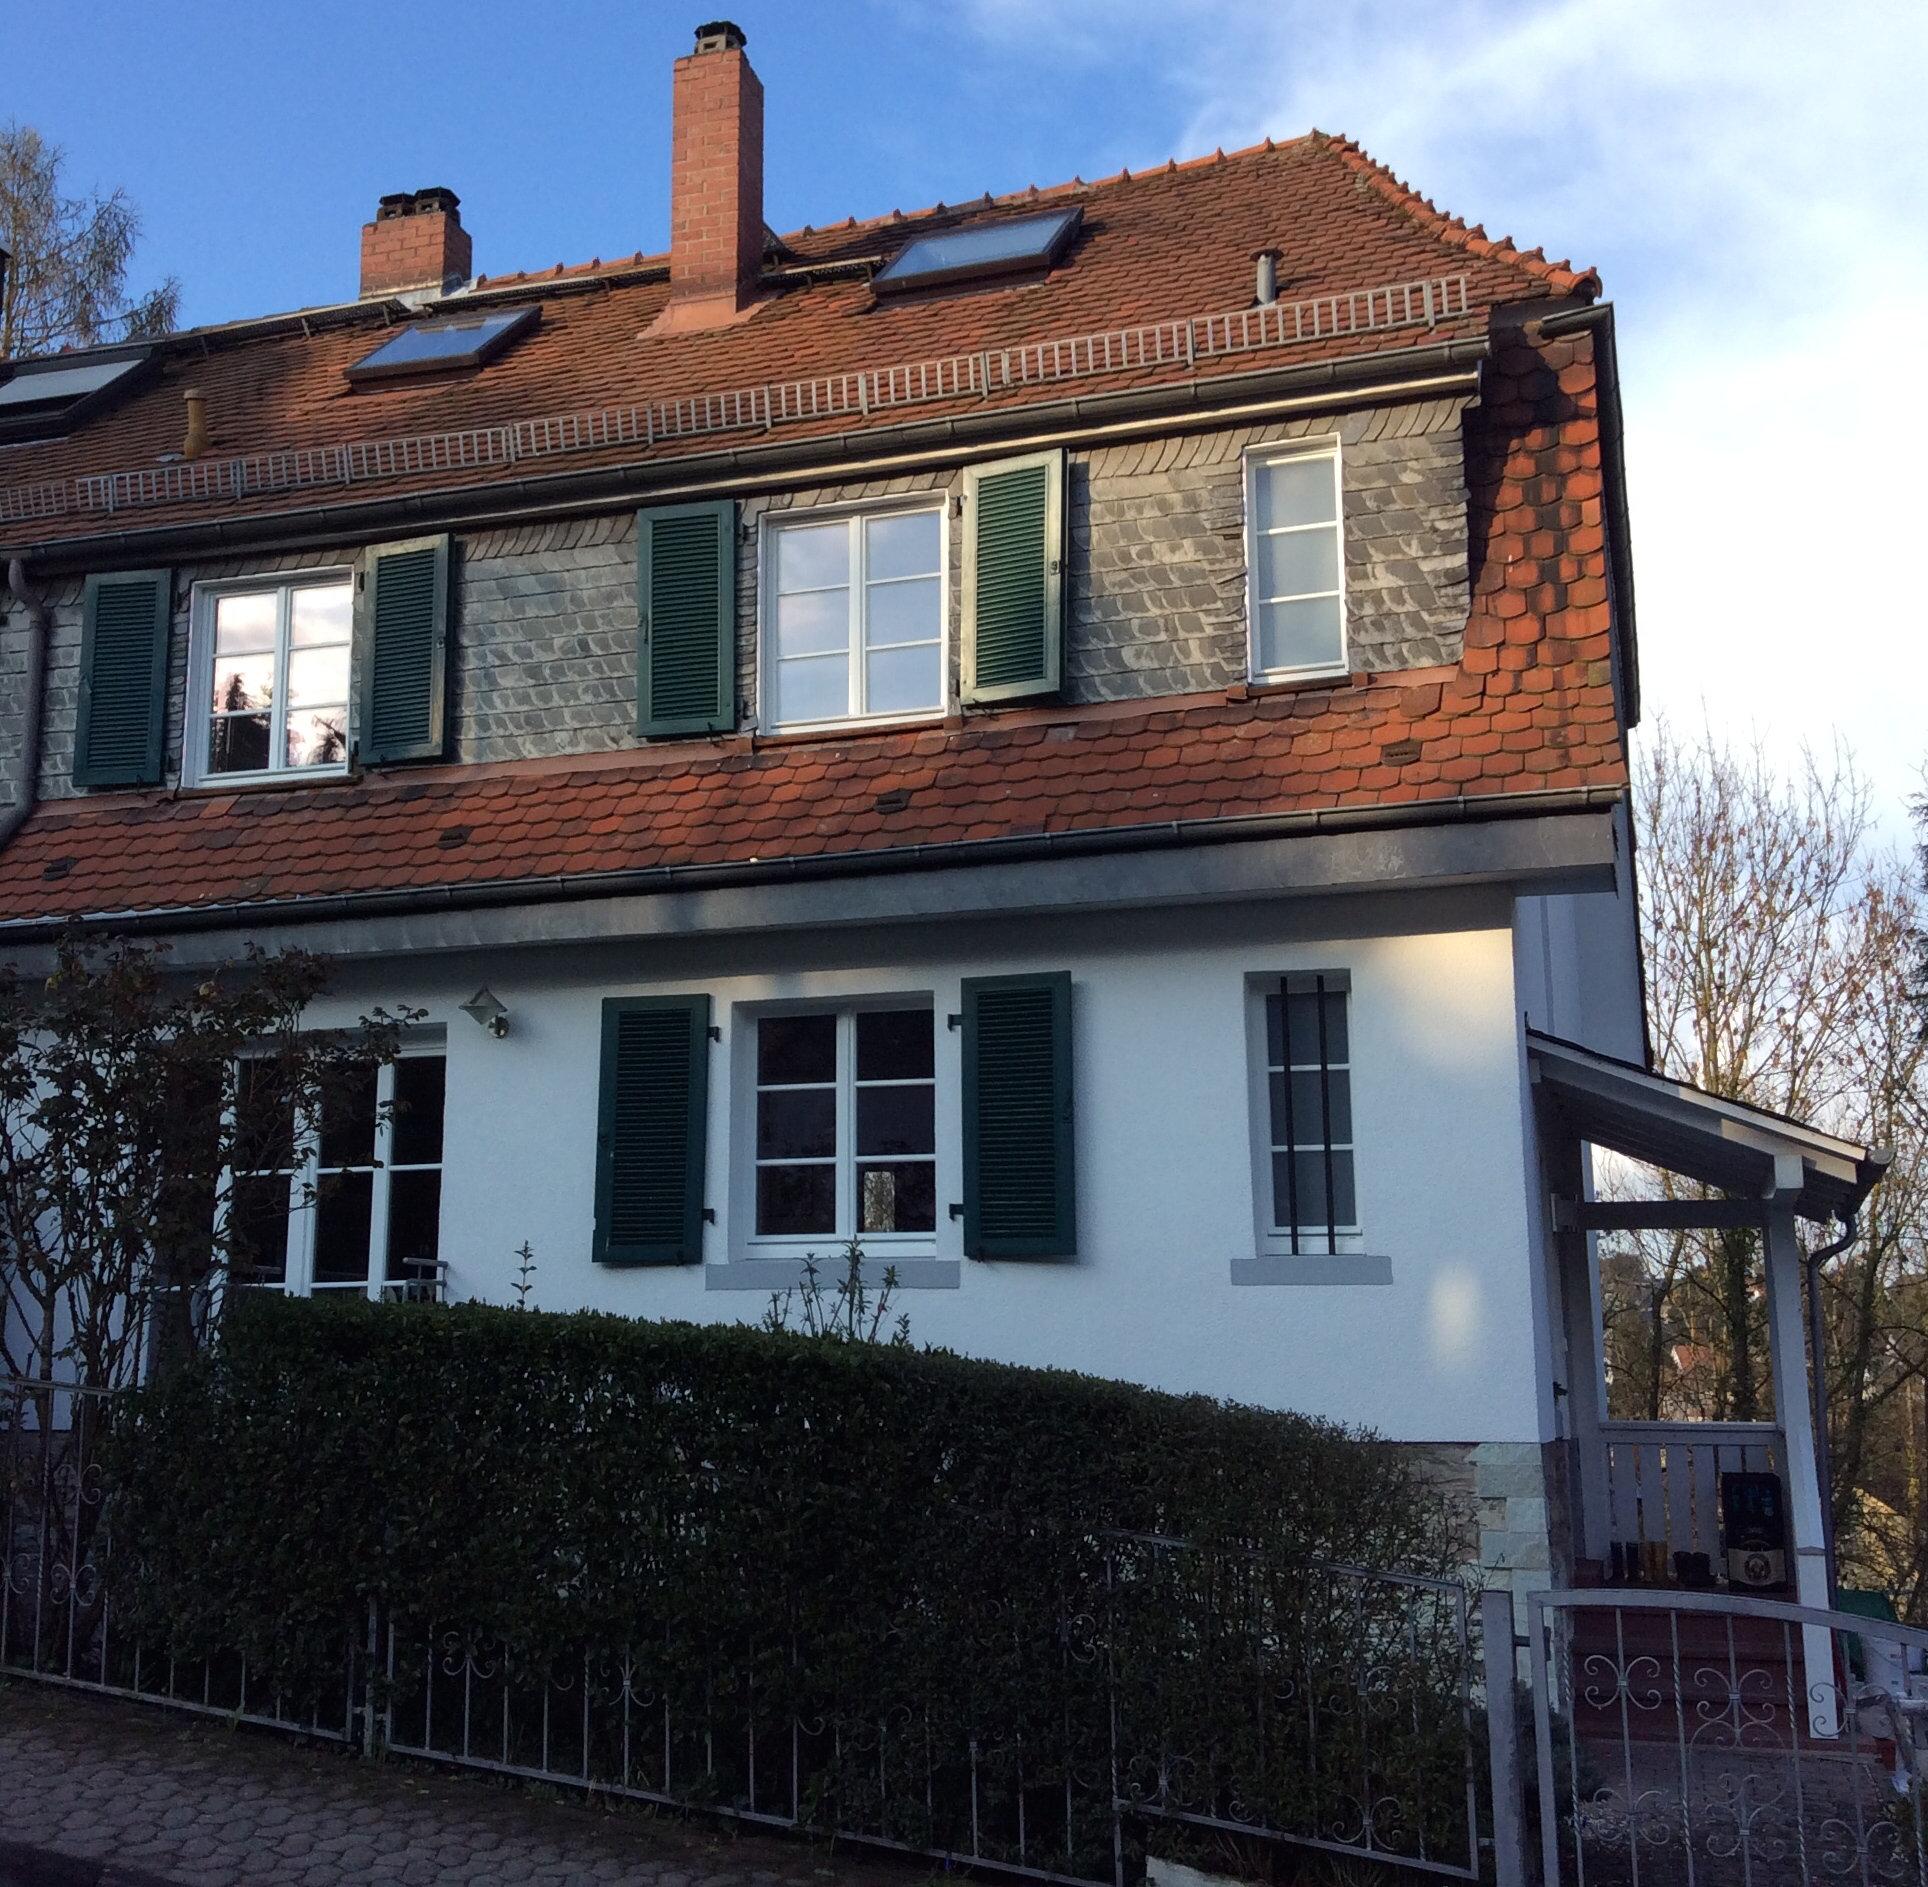 Sprossenfenster vom Typ RETRO in Kronberg im Taunus